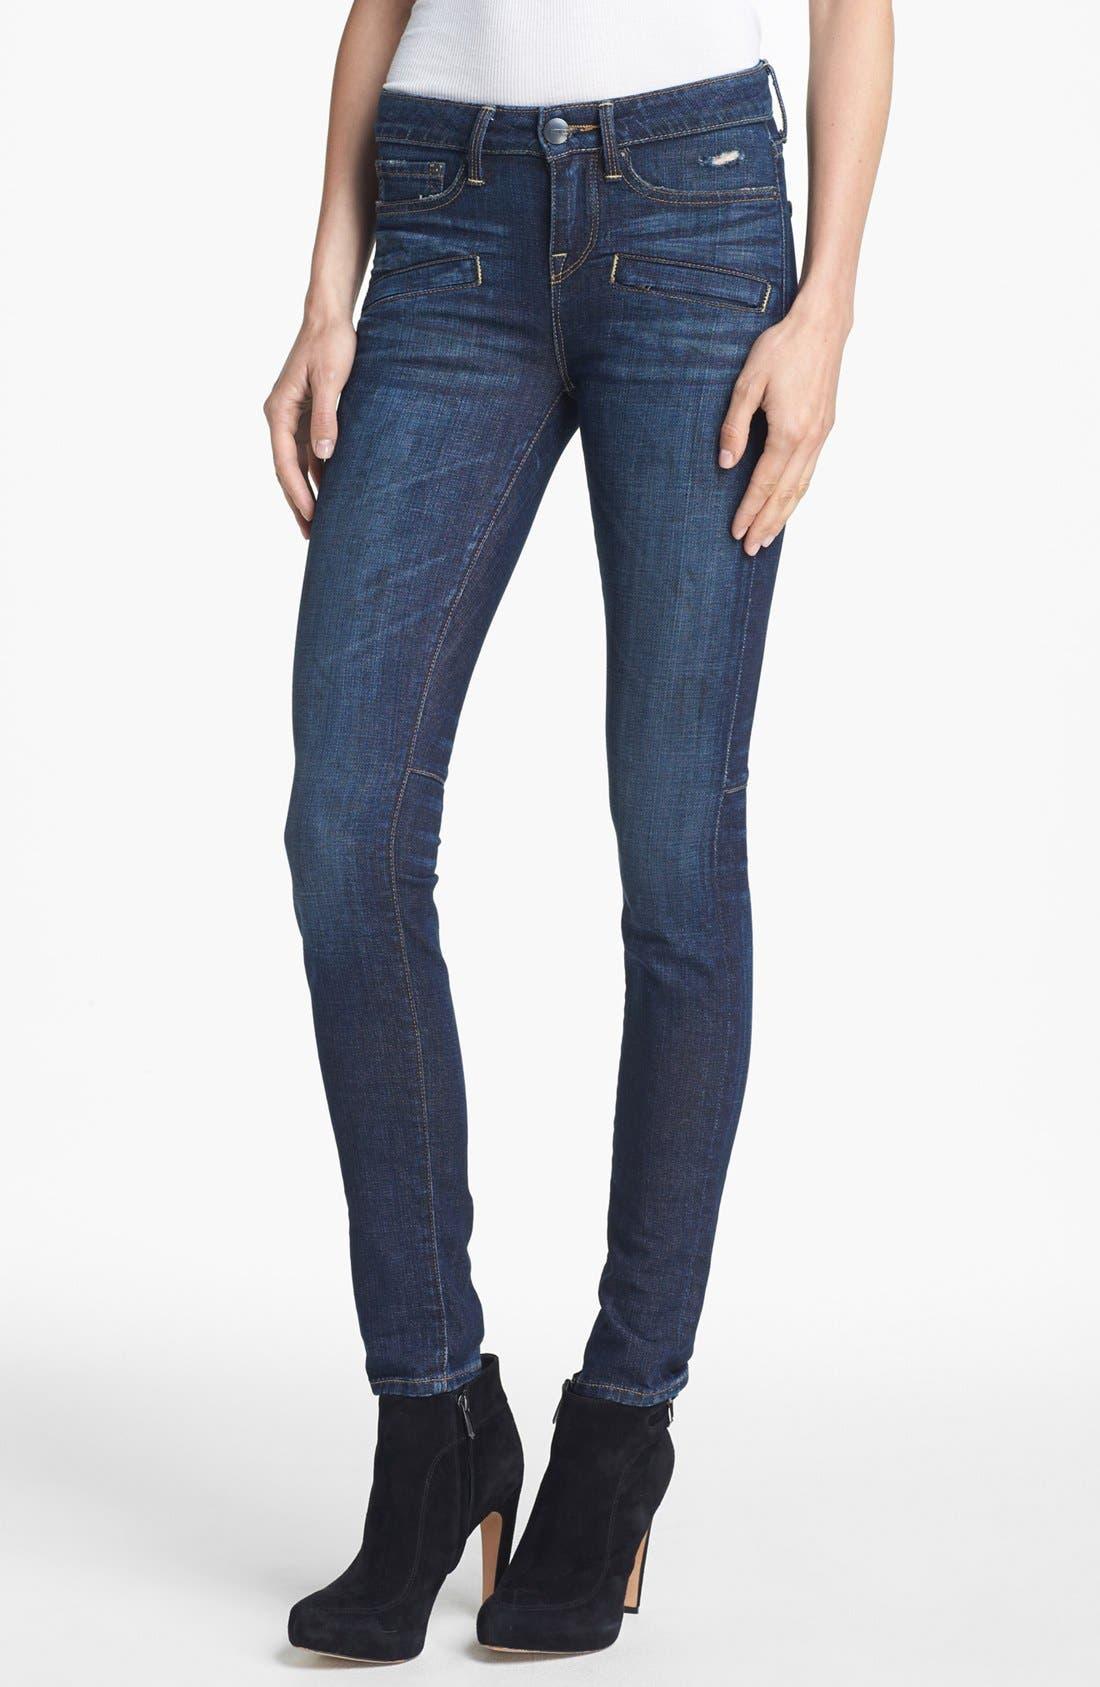 Alternate Image 1 Selected - Vince Welt Pocket Skinny Stretch Jeans (Dirty Vintage)